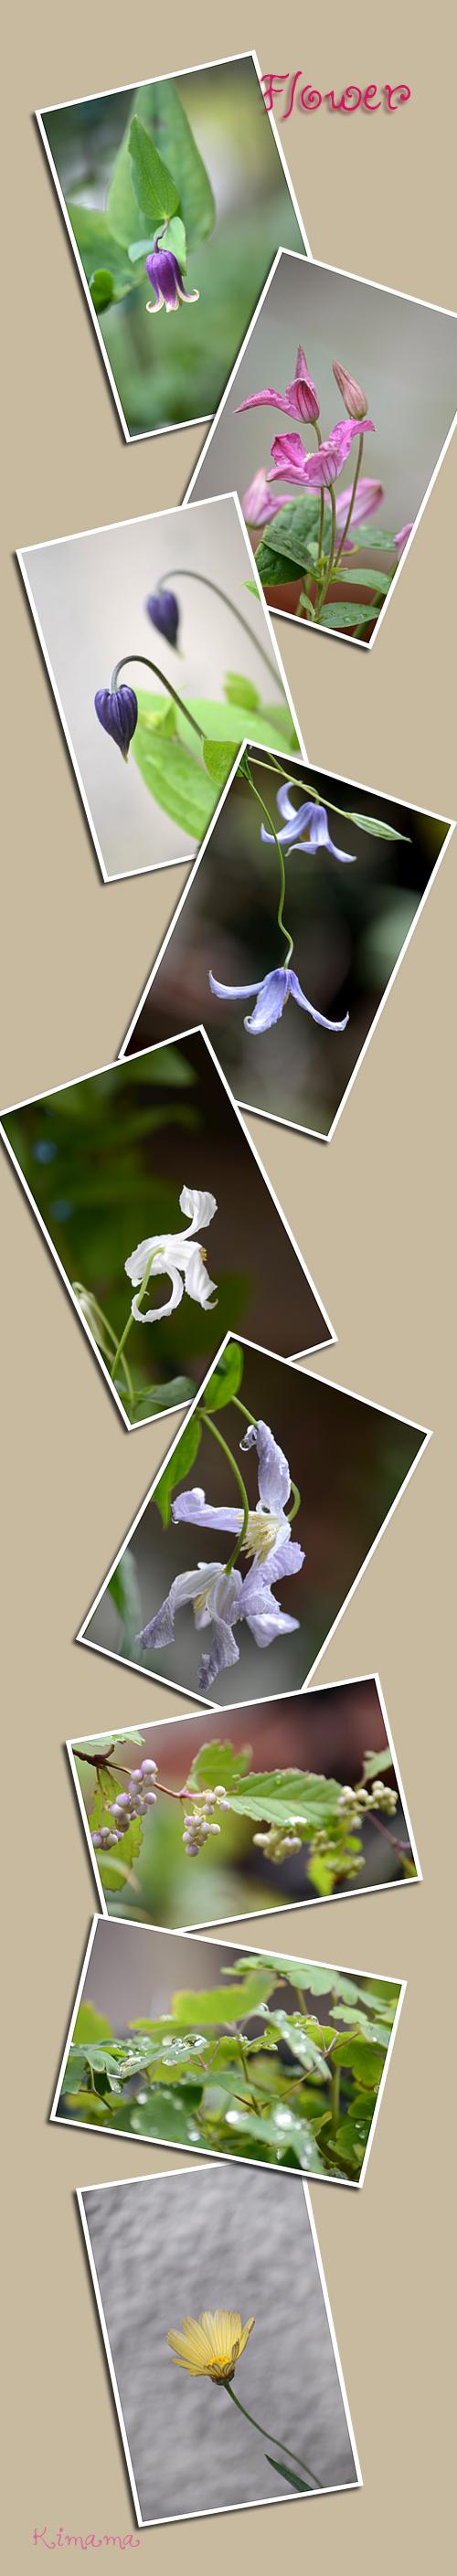 9月11日庭の花